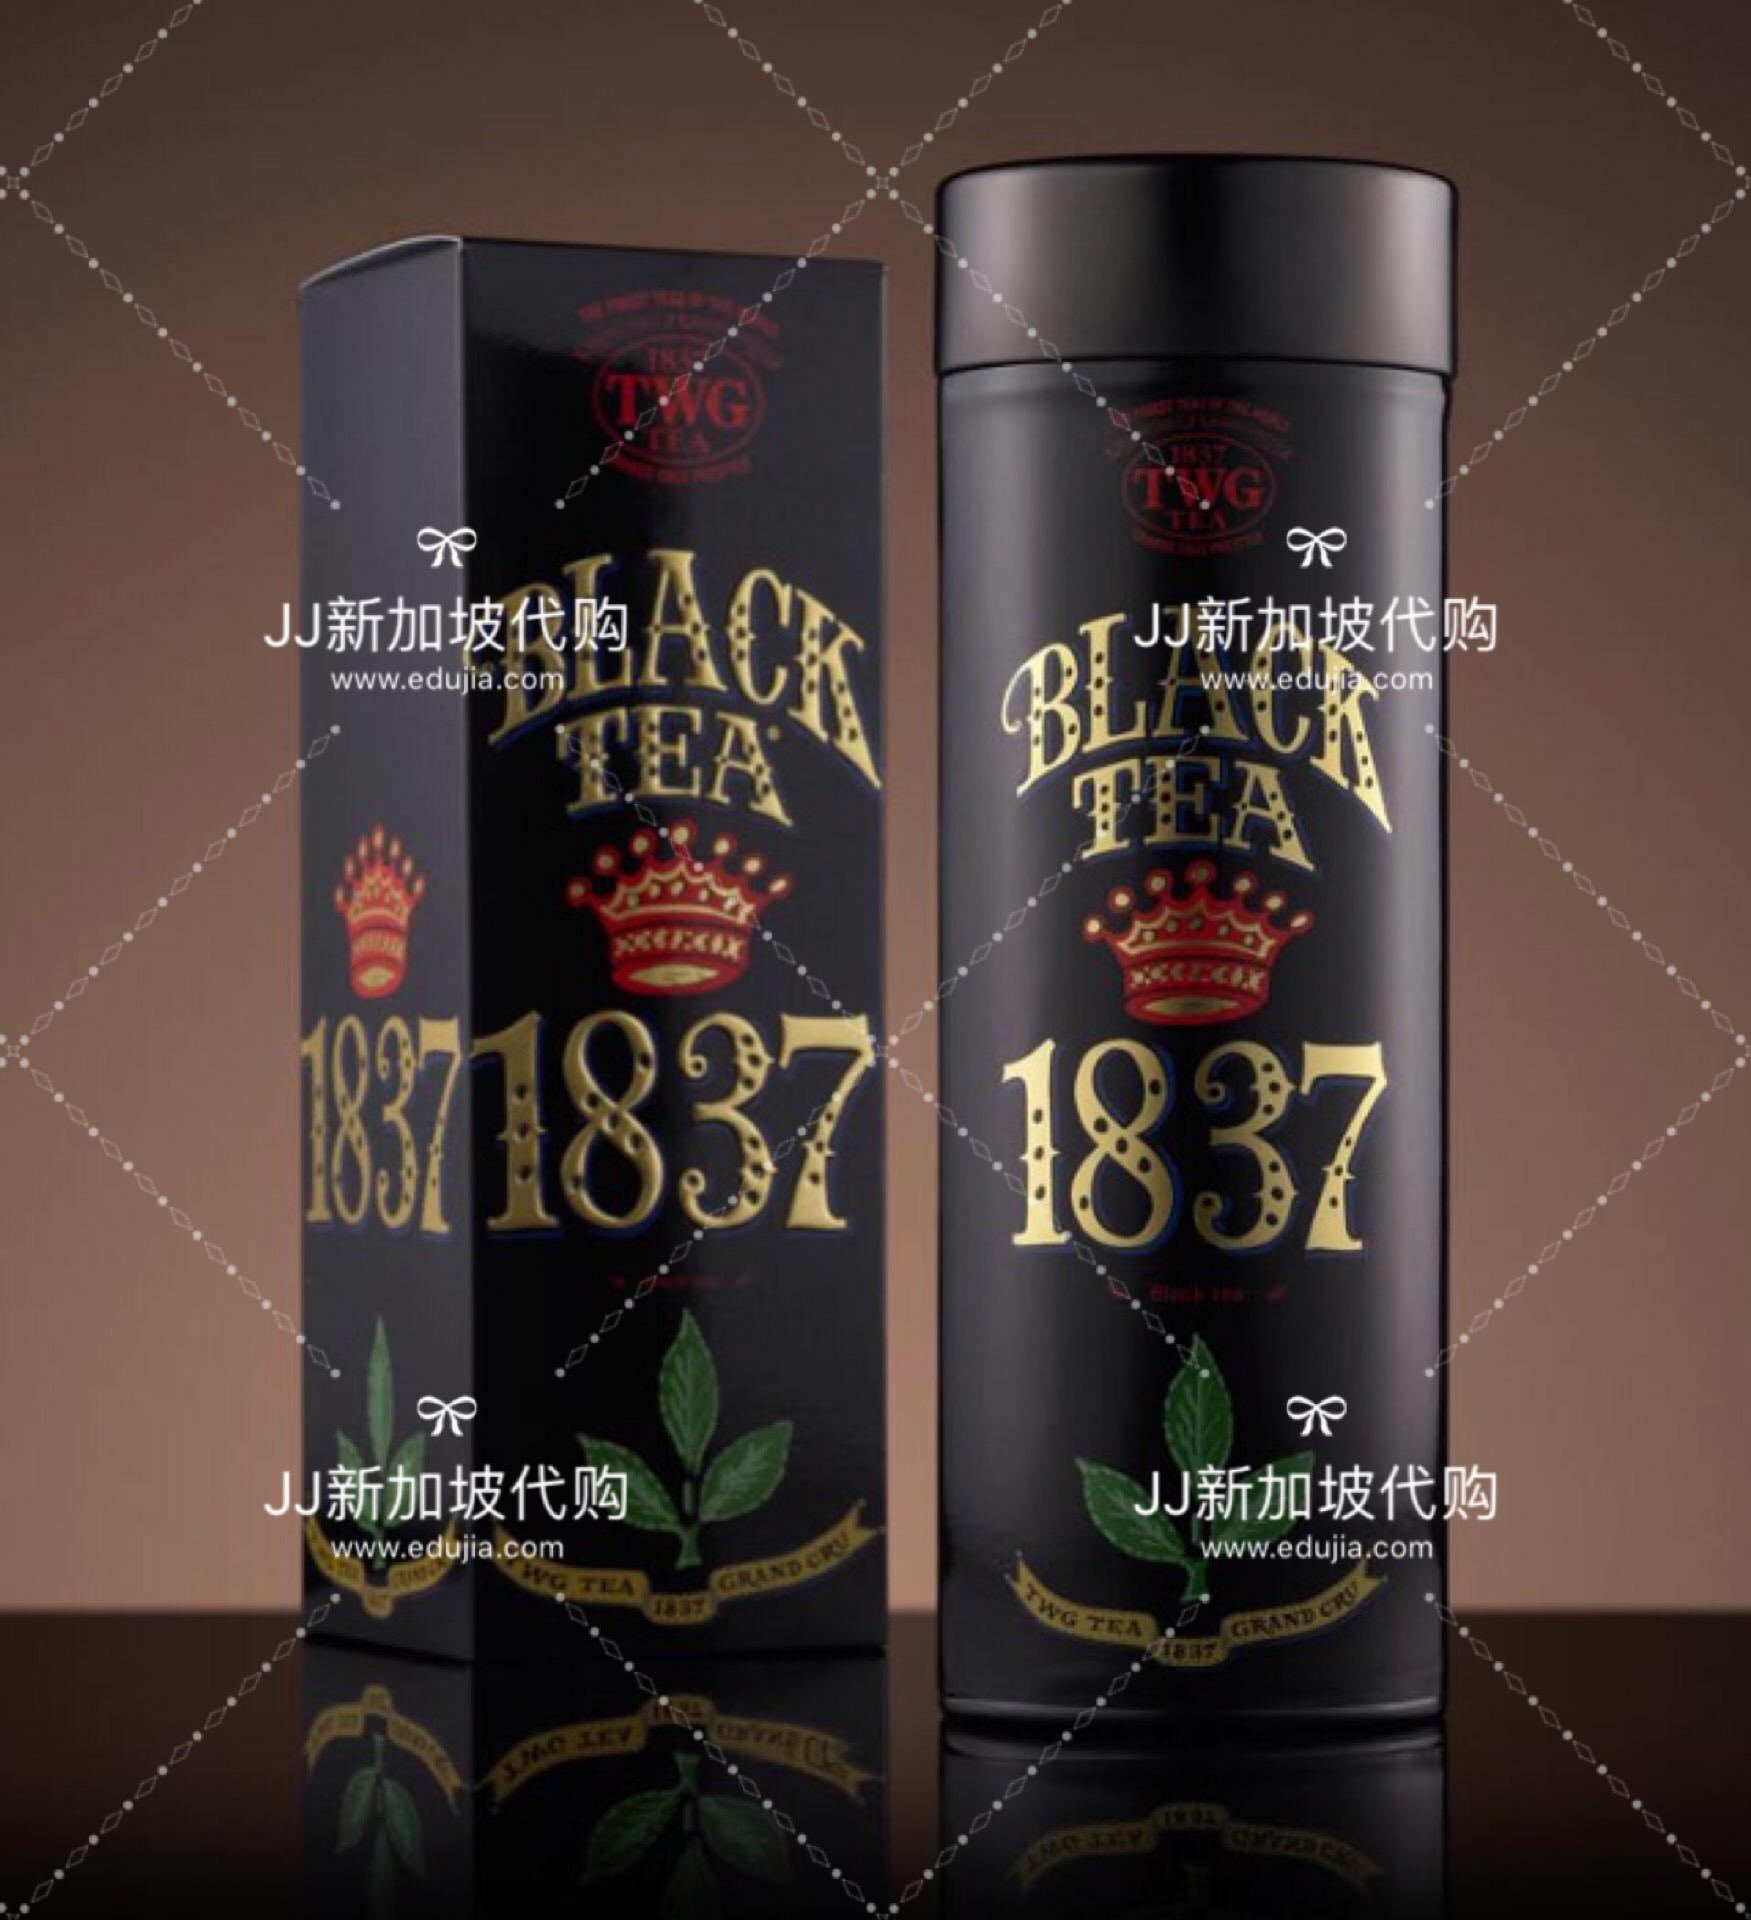 新加坡特产 TWG茶叶 1837经典红茶tea礼品包装 100g 包邮